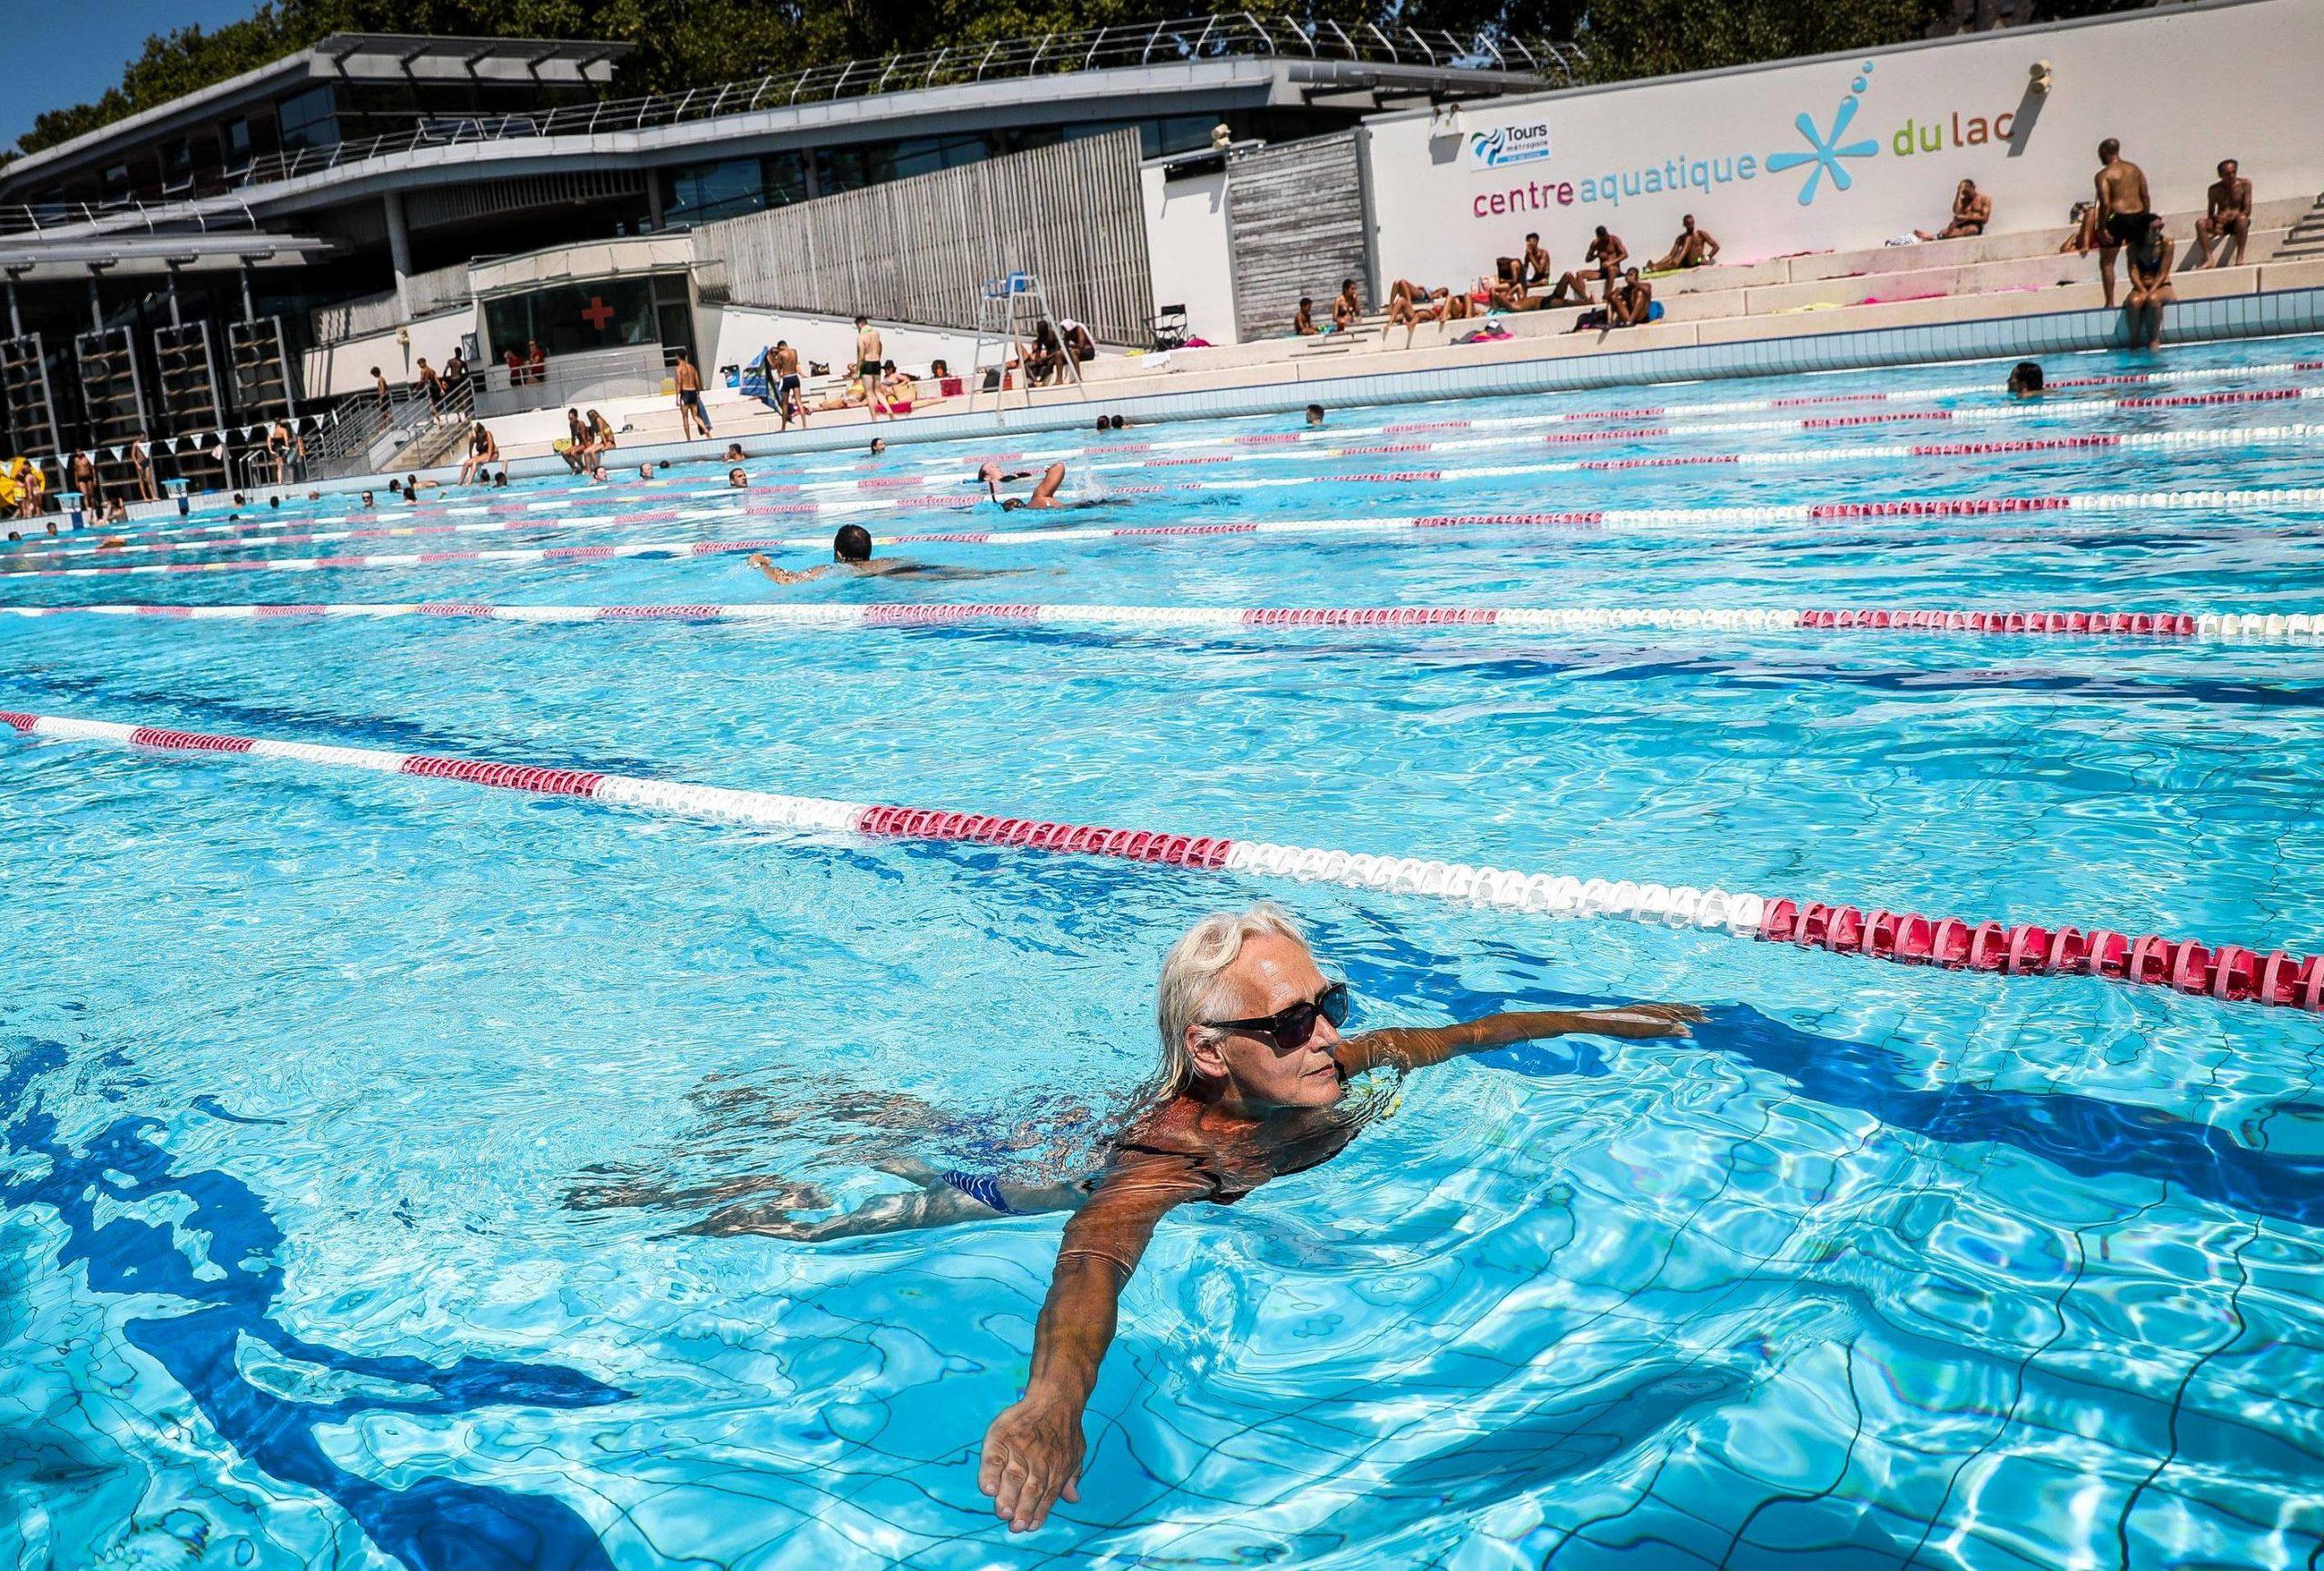 Tours : Des Nouveautés Au Centre Aquatique Du Lac à Piscine Du Lac Tours